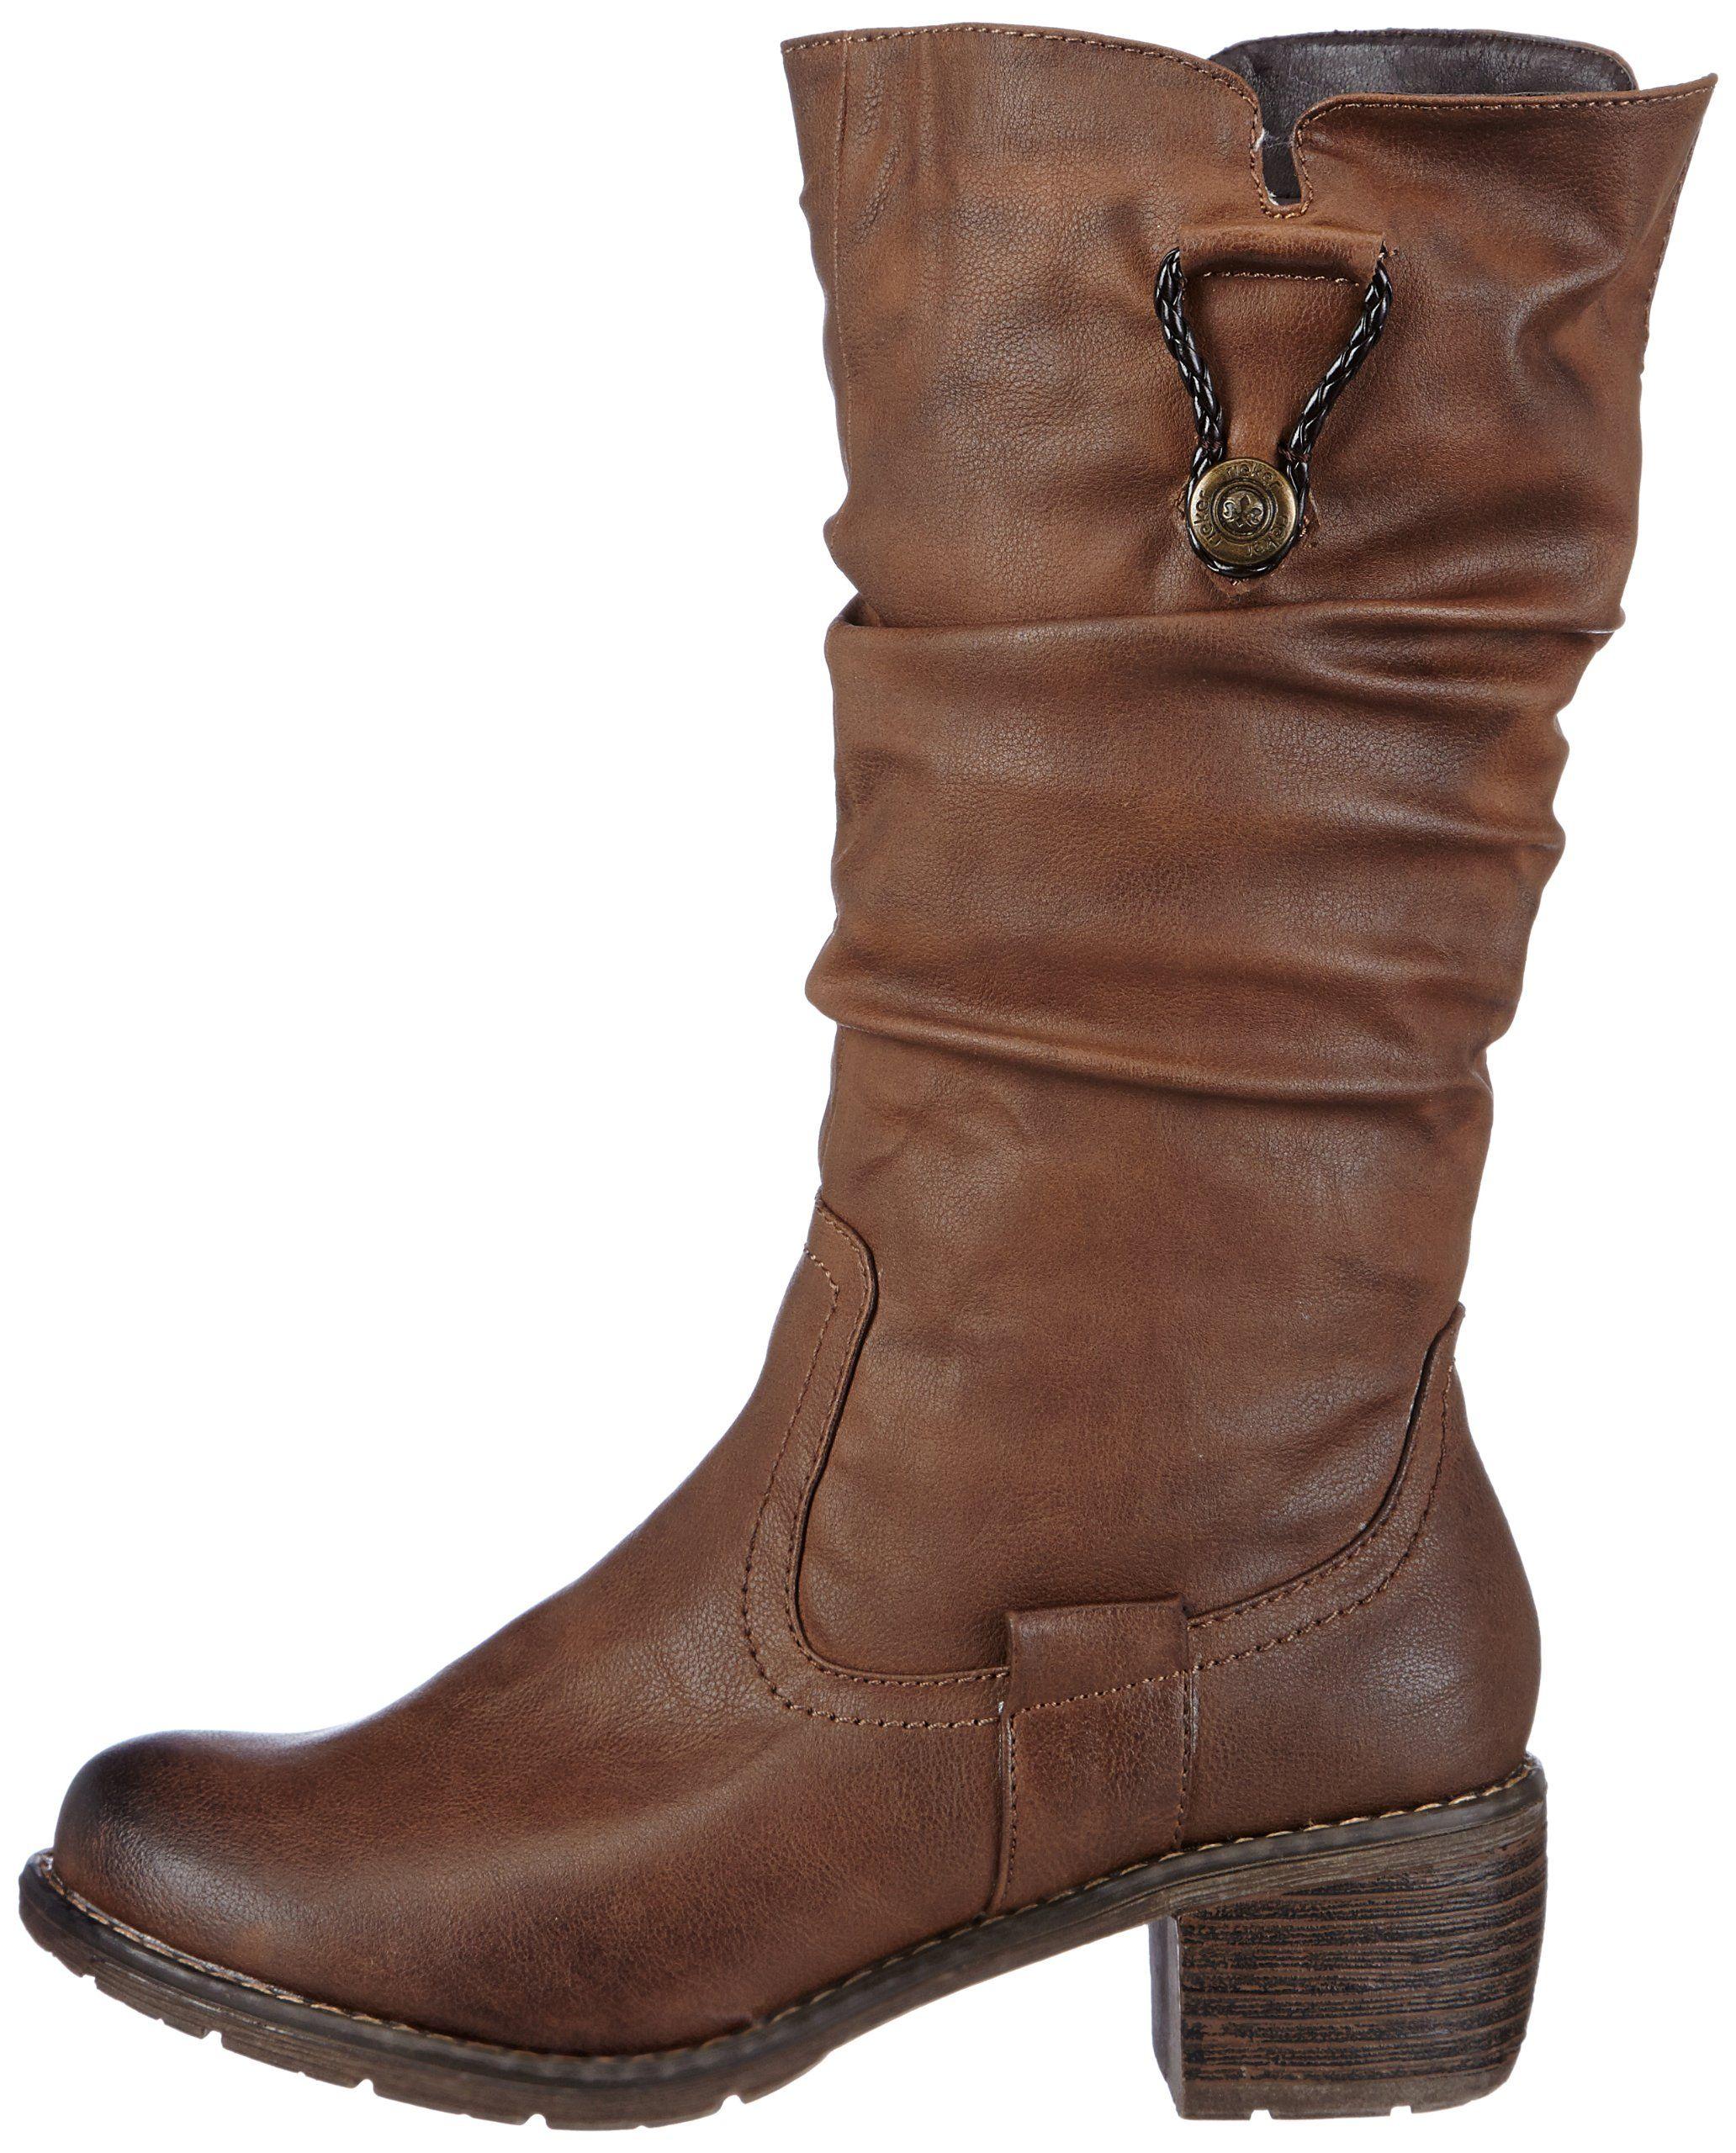 Rieker Womens 99879 Boots Brown · Cowboy Boot